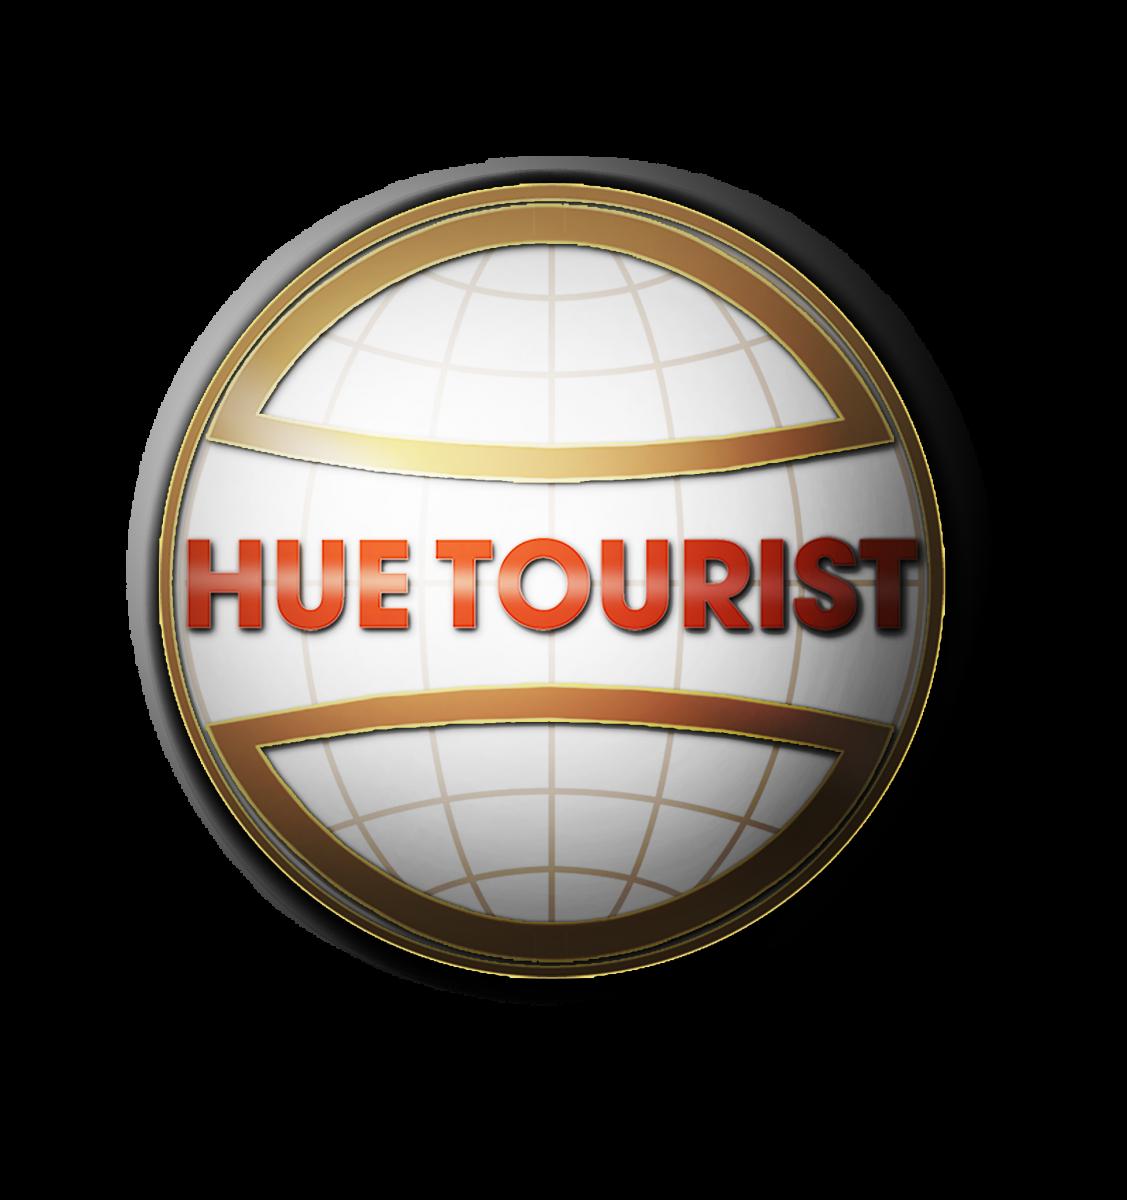 Hue tourist vietnam